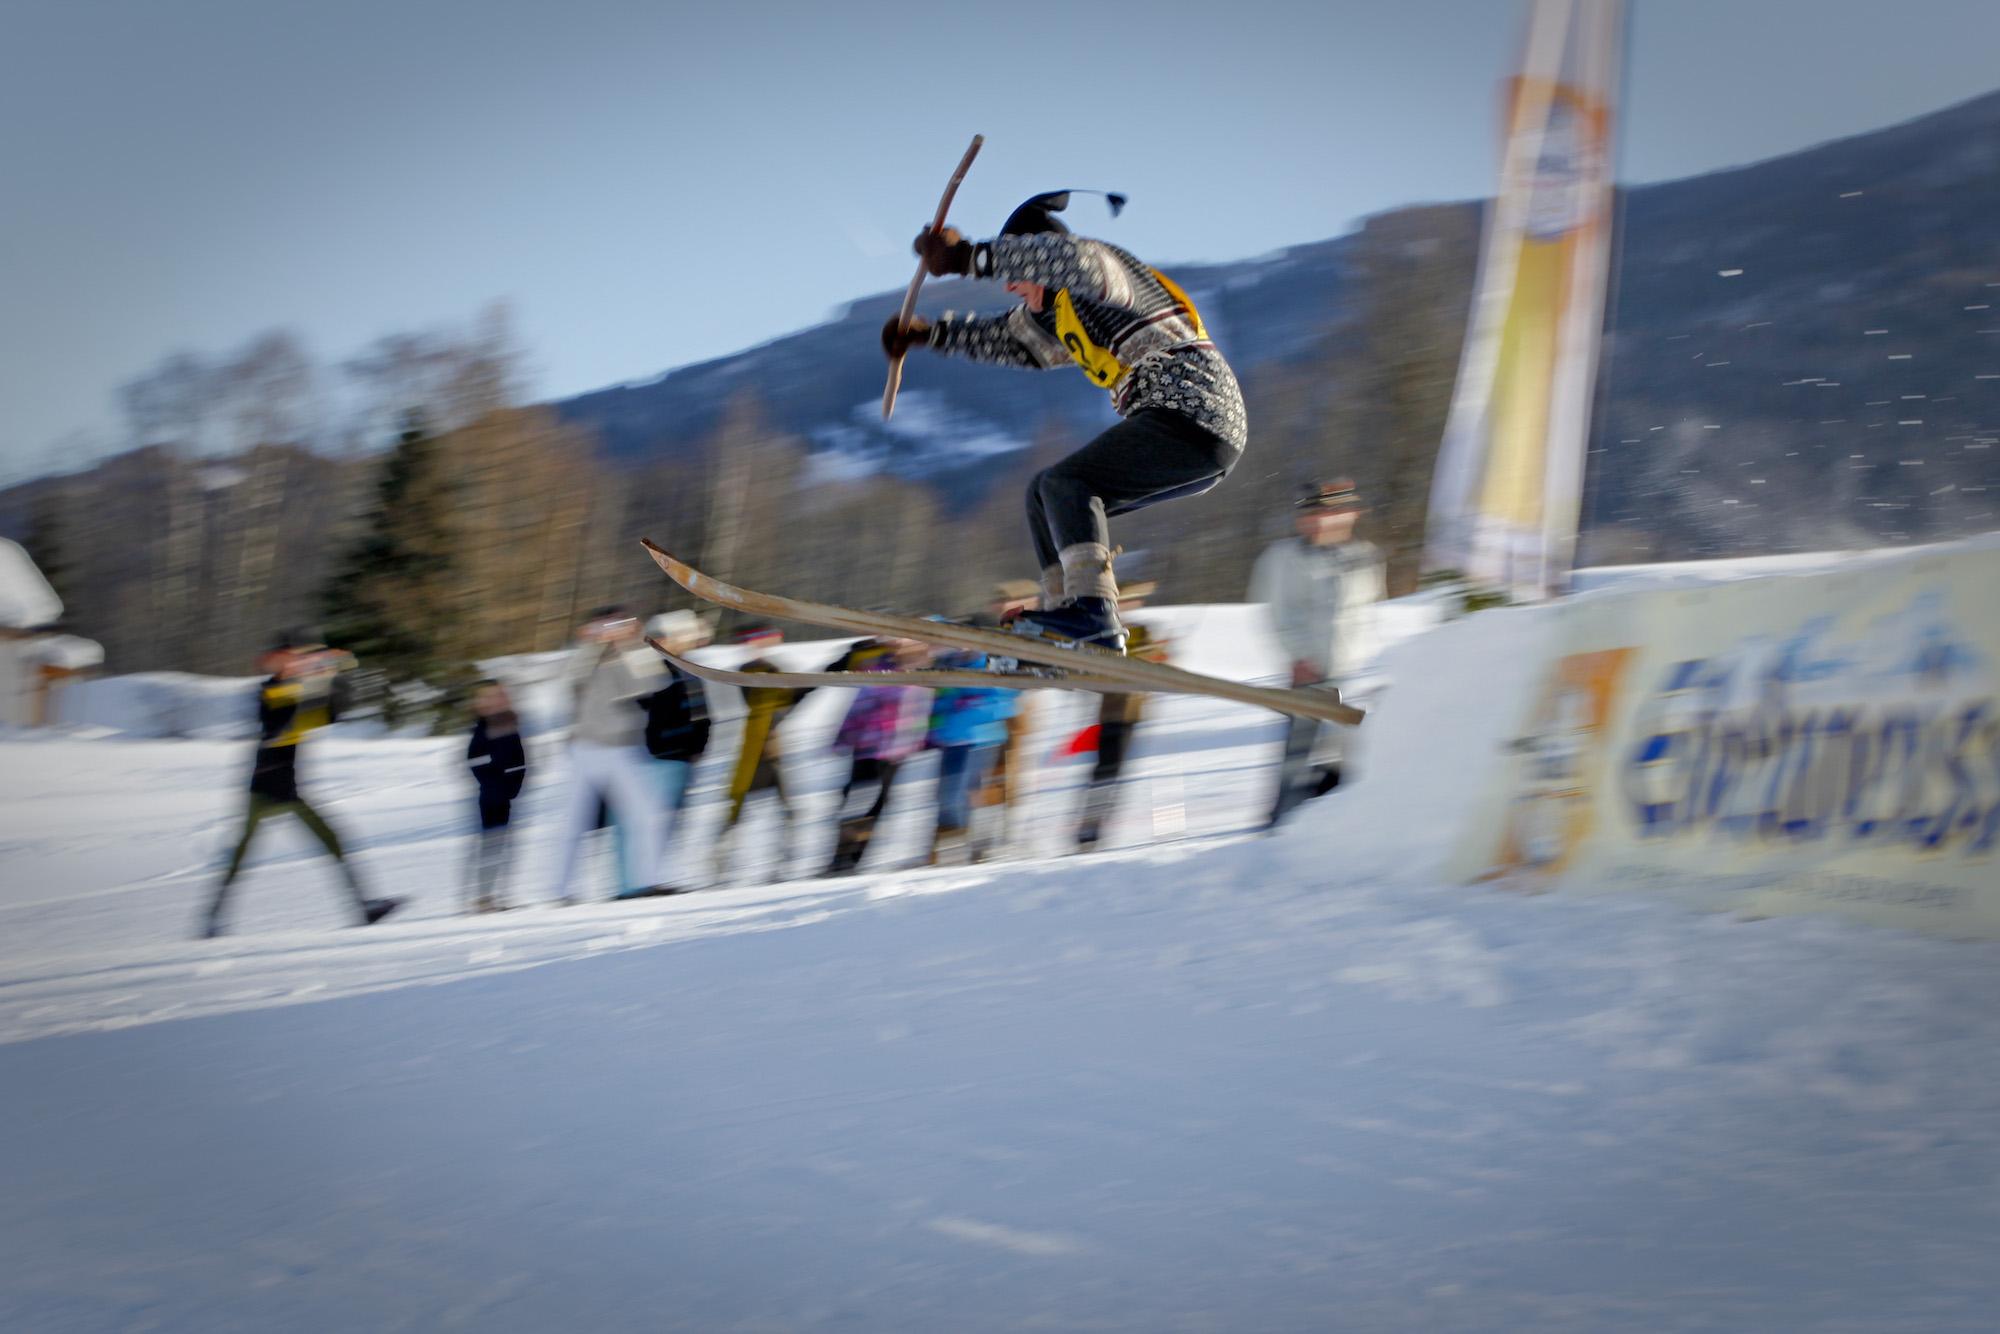 Vom Museum auf die Piste – 7. Nostalgie-Ski-Weltmeisterschaft in Saalfelden Leogang